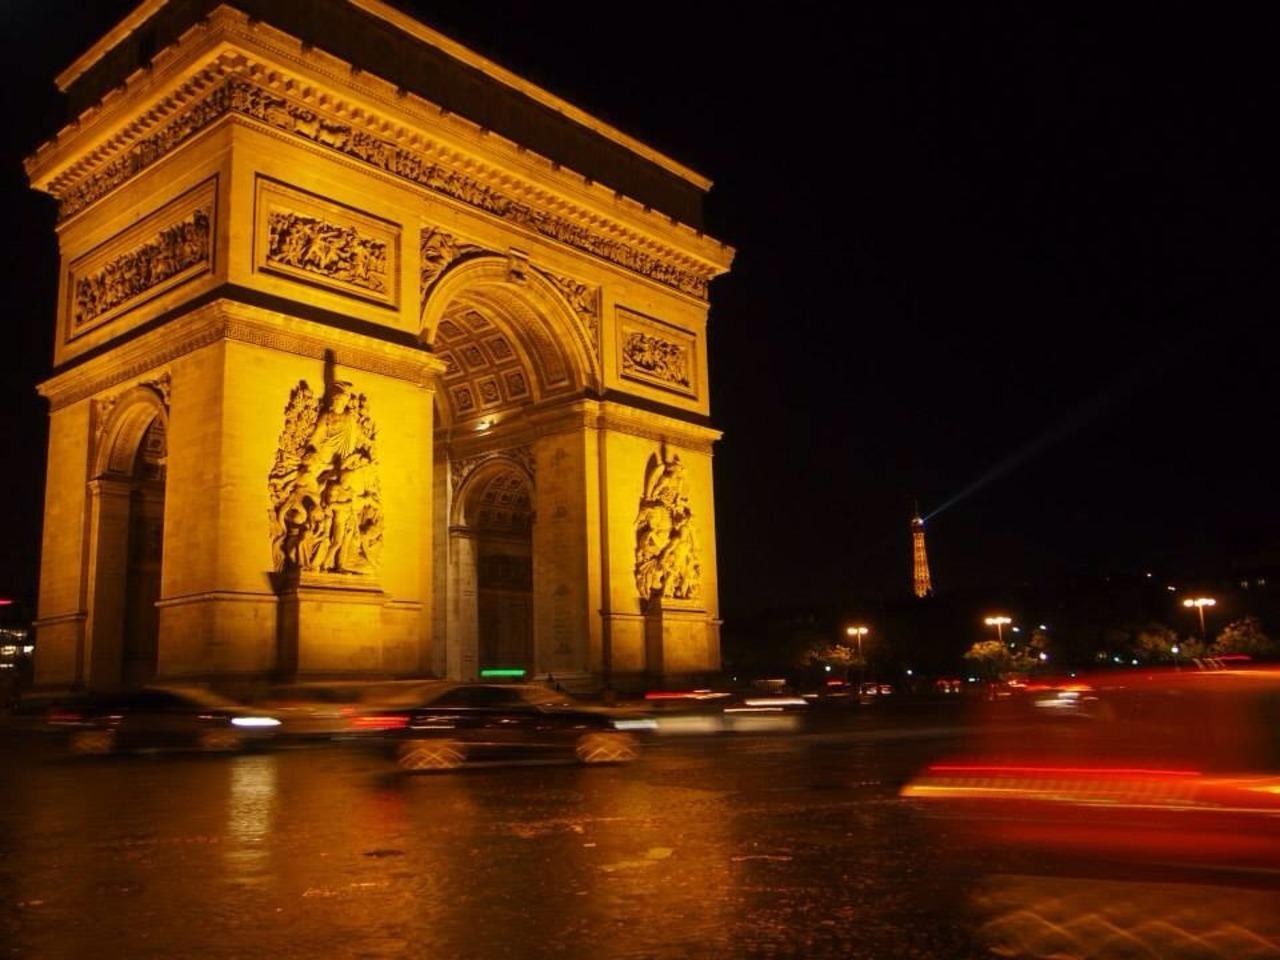 ��Υ衼��å�ι��(Fly to Paris)����